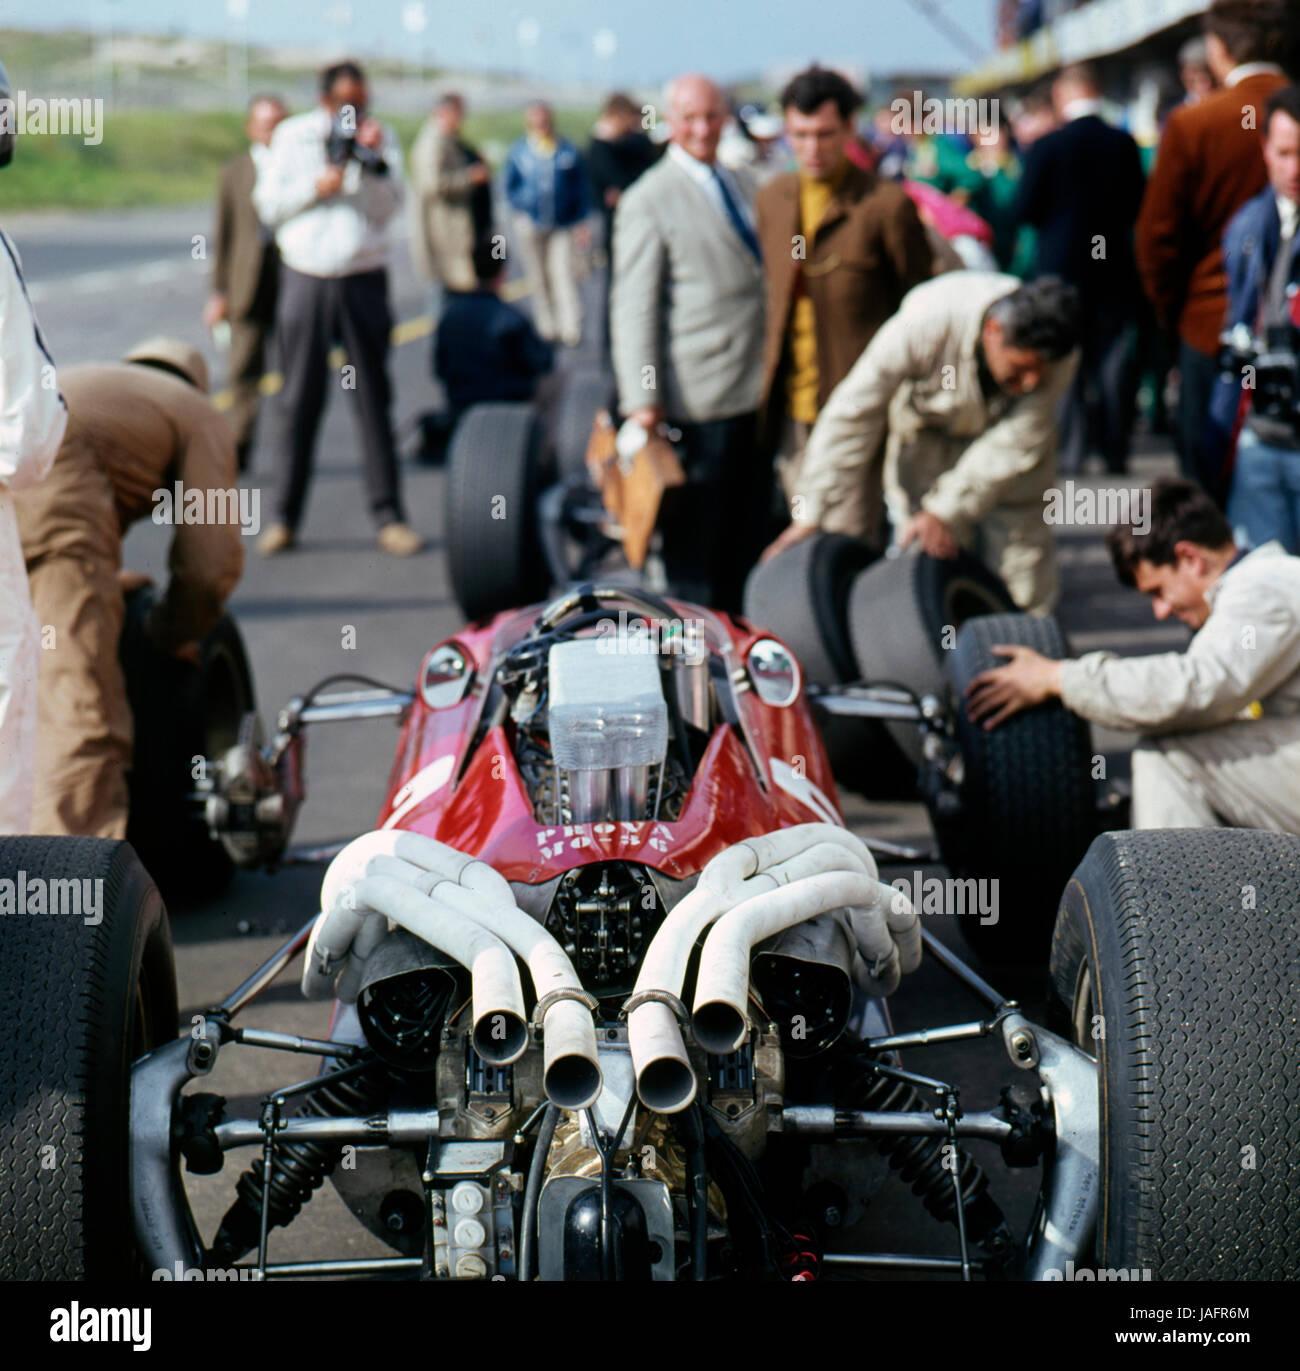 2006 Ferrari F430 Interior: Ferrari Engine Stock Photos & Ferrari Engine Stock Images